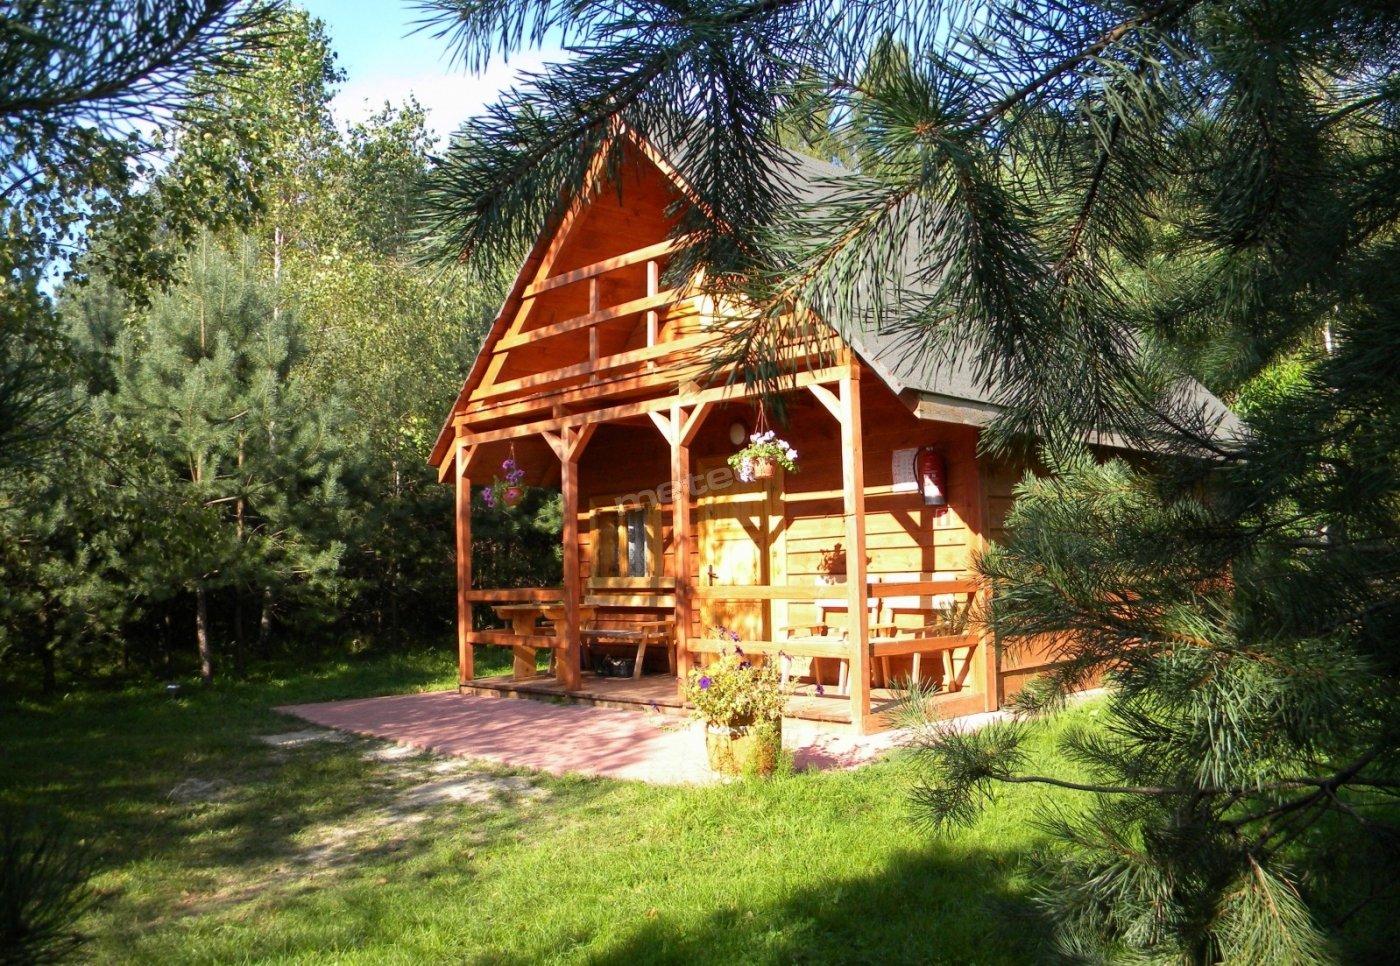 Zapraszamy do komfortowych domków otoczonych zielenią.